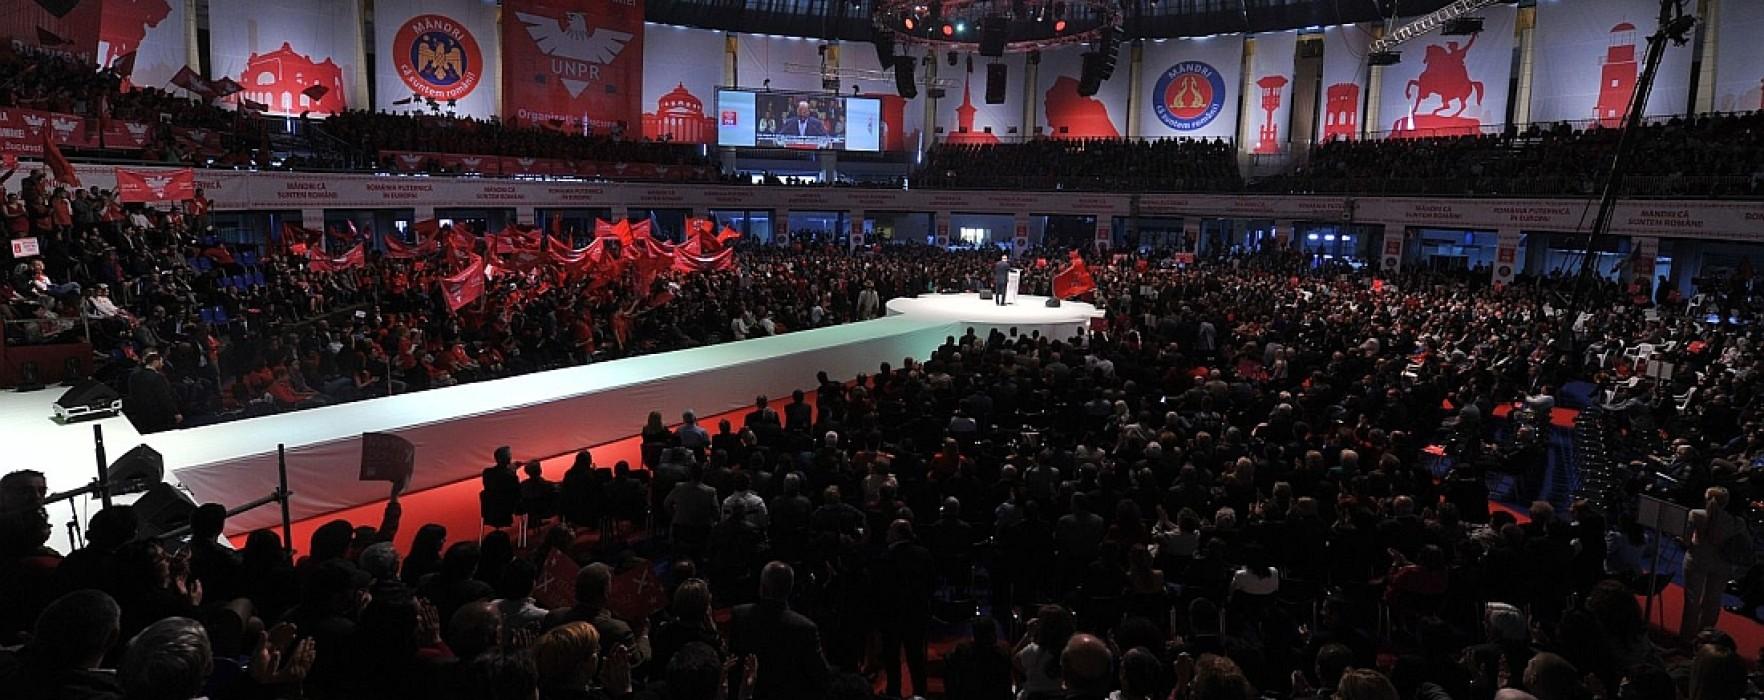 Adrian Ţuţuianu: Lansarea candidaţilor PSD -UNPR –PC, un eveniment de excepţie